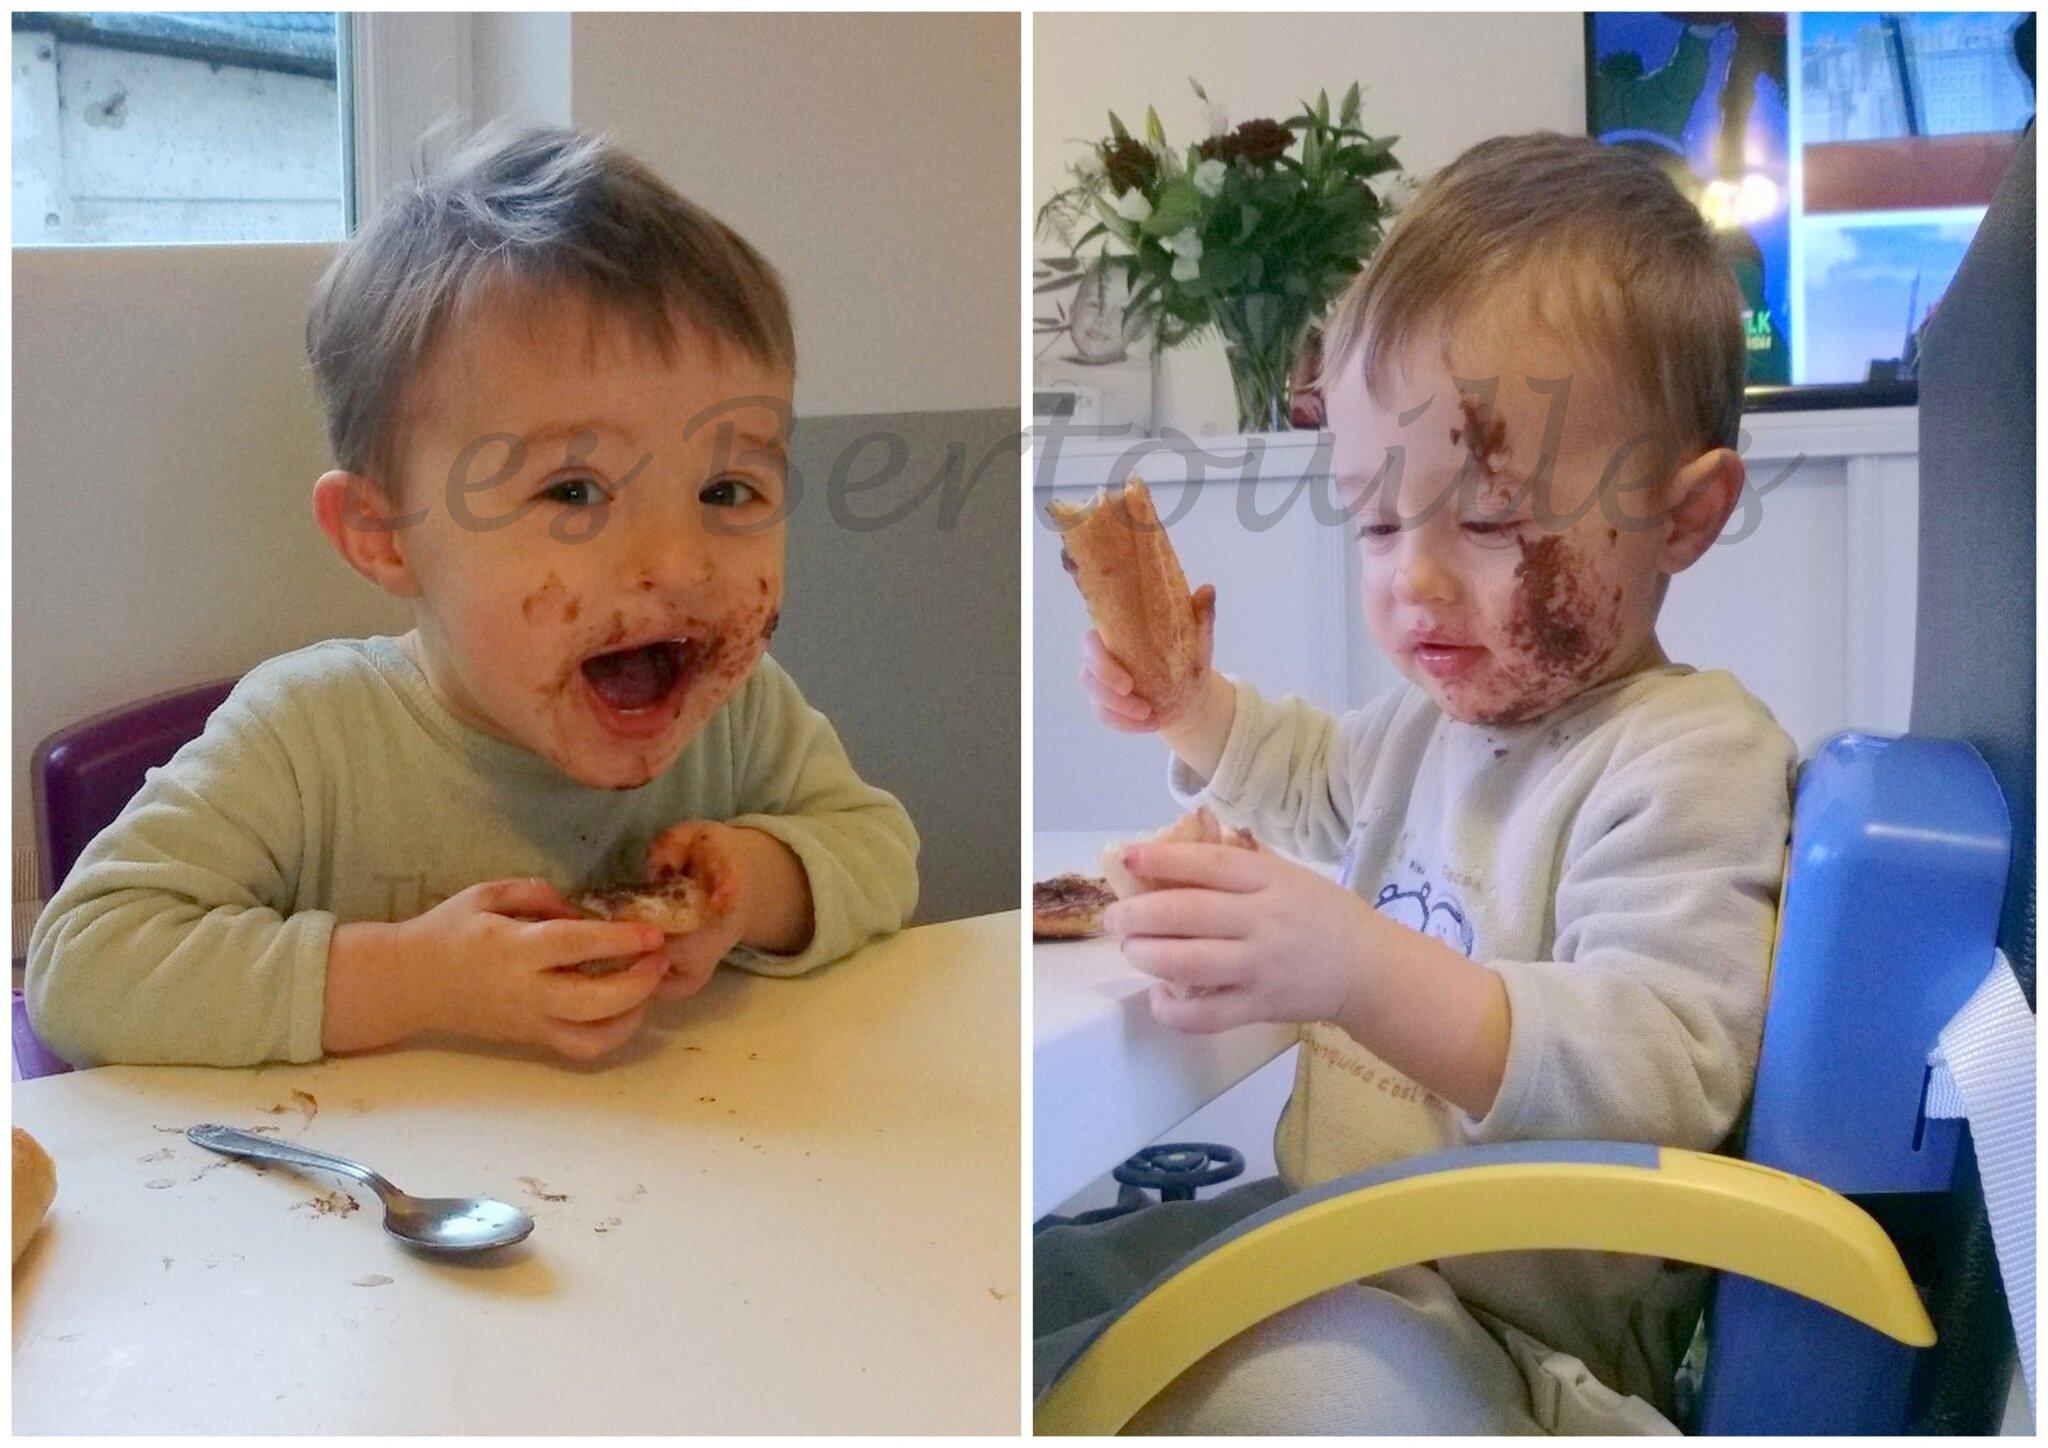 Vivre avec des jumeaux de 19 mois; c'est pas de tout repos!